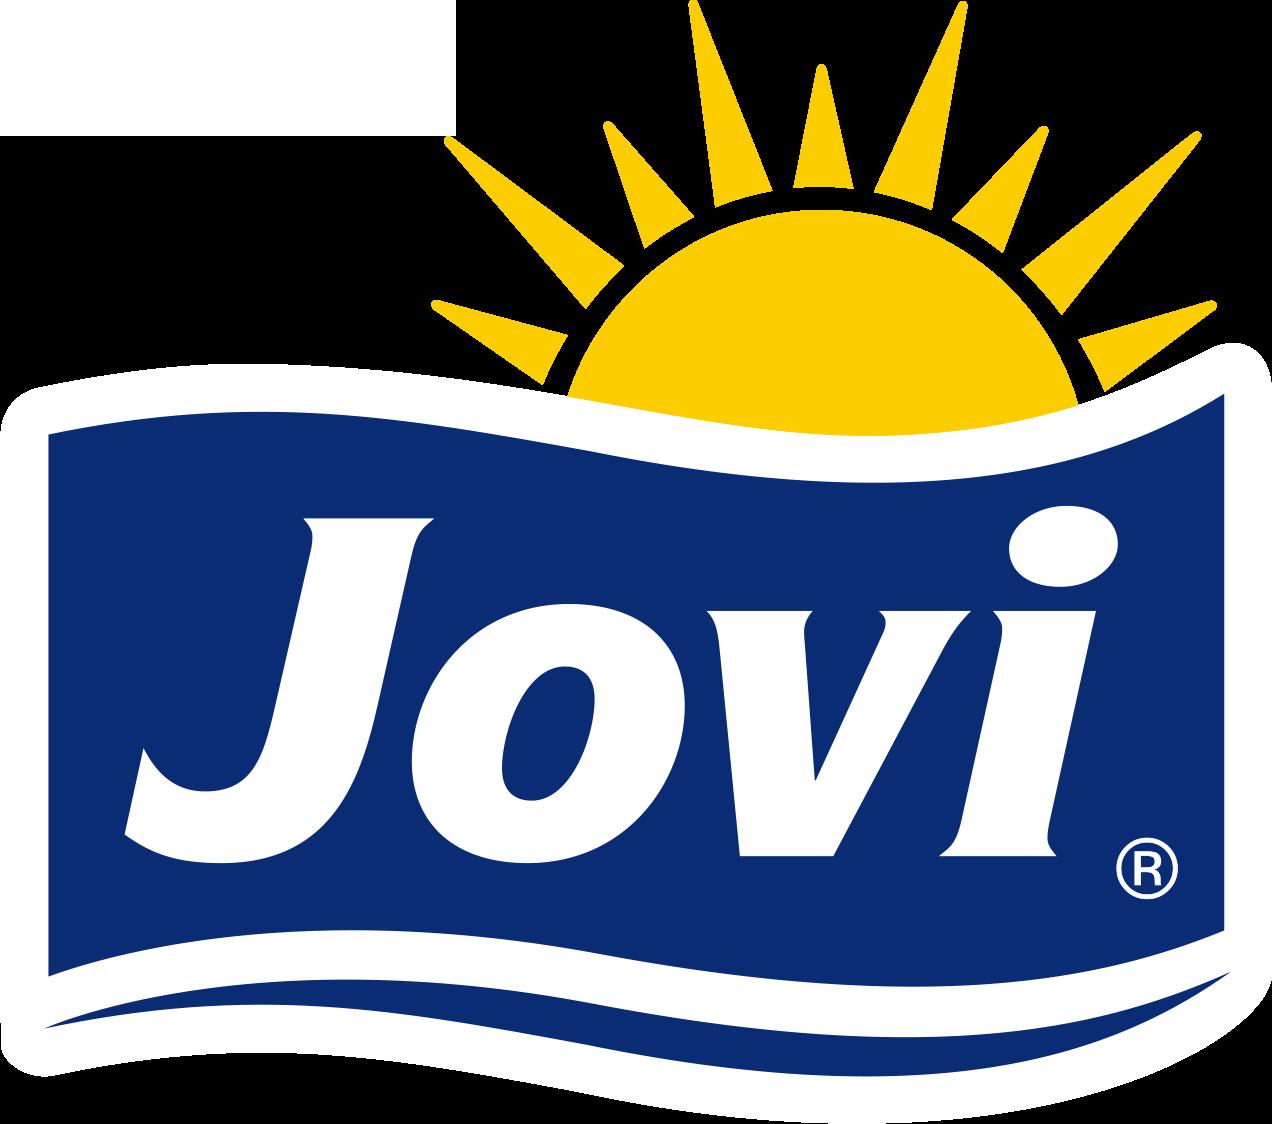 JOVI_DUET_LOGO_XXX